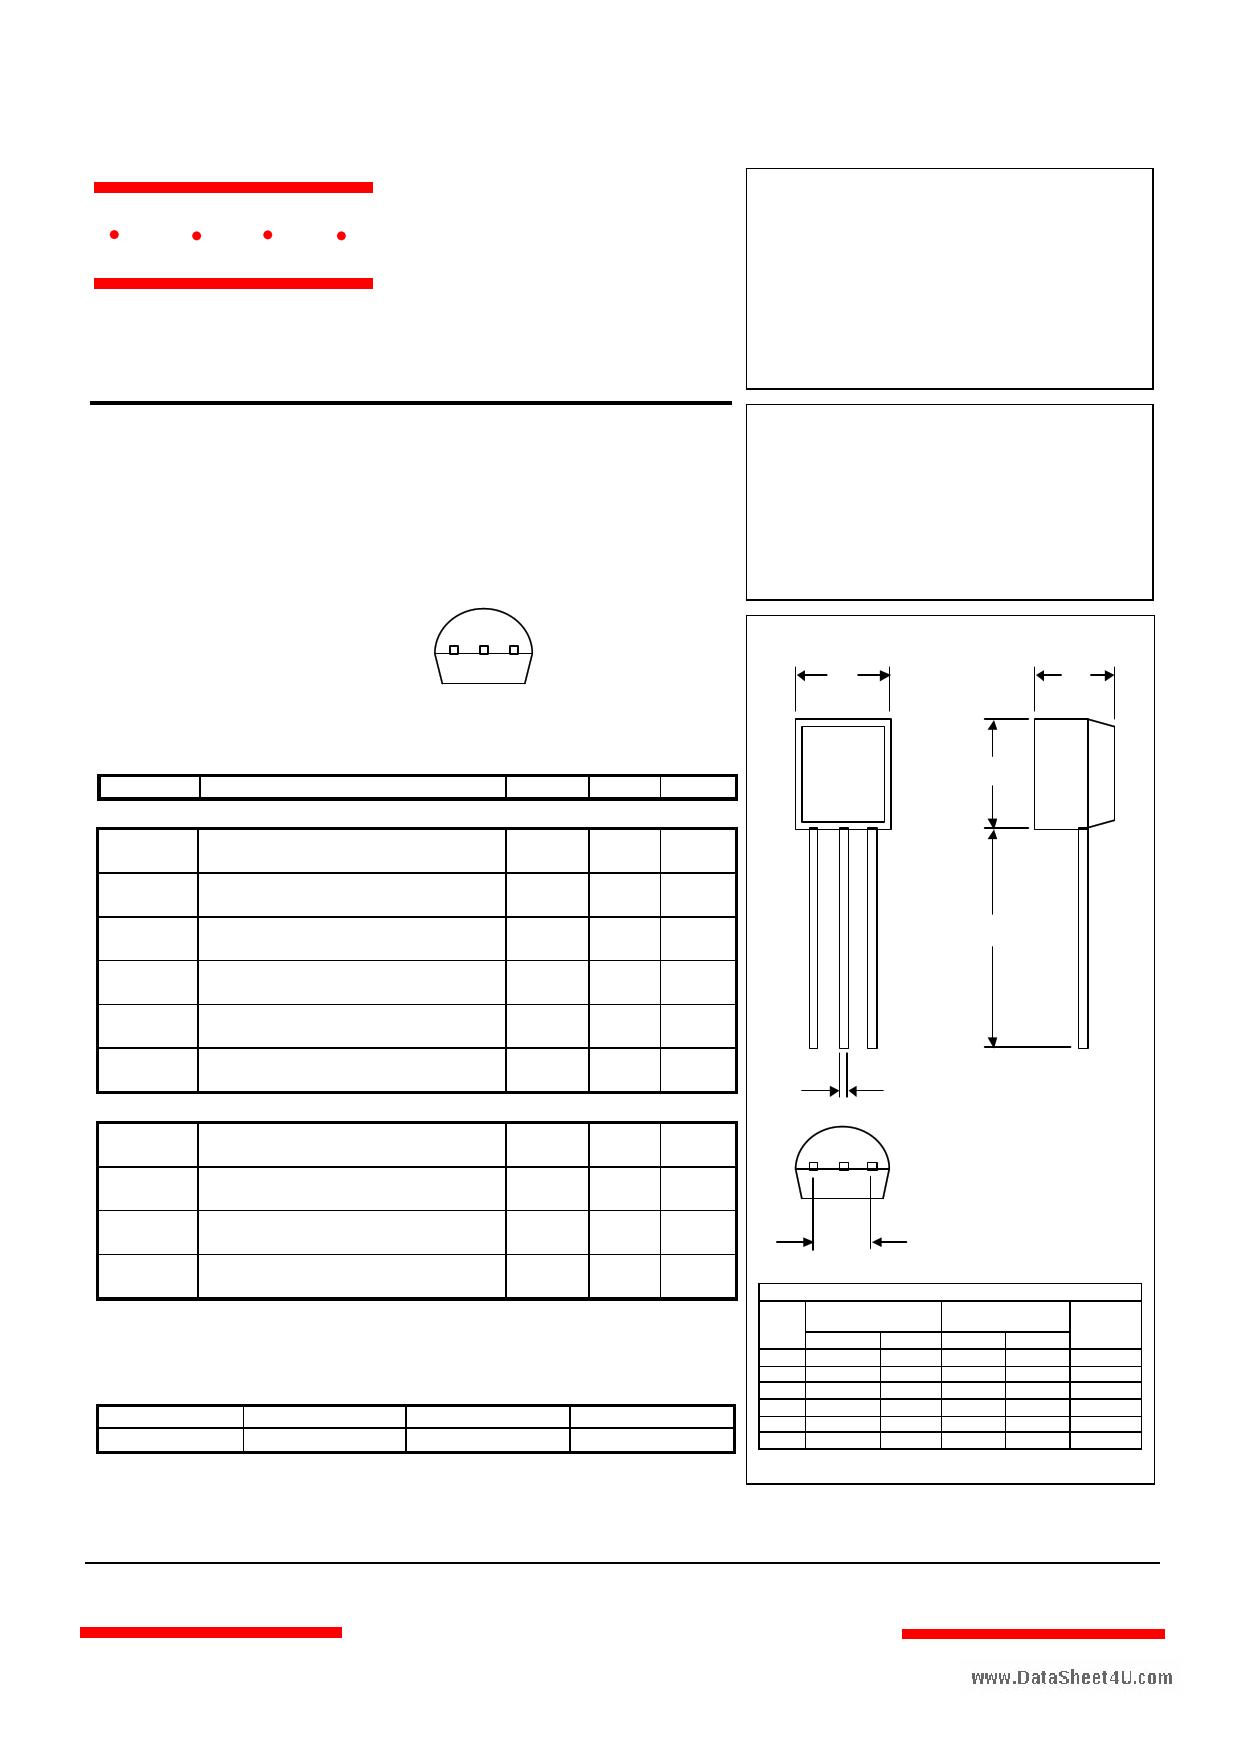 2001 دیتاشیت PDF